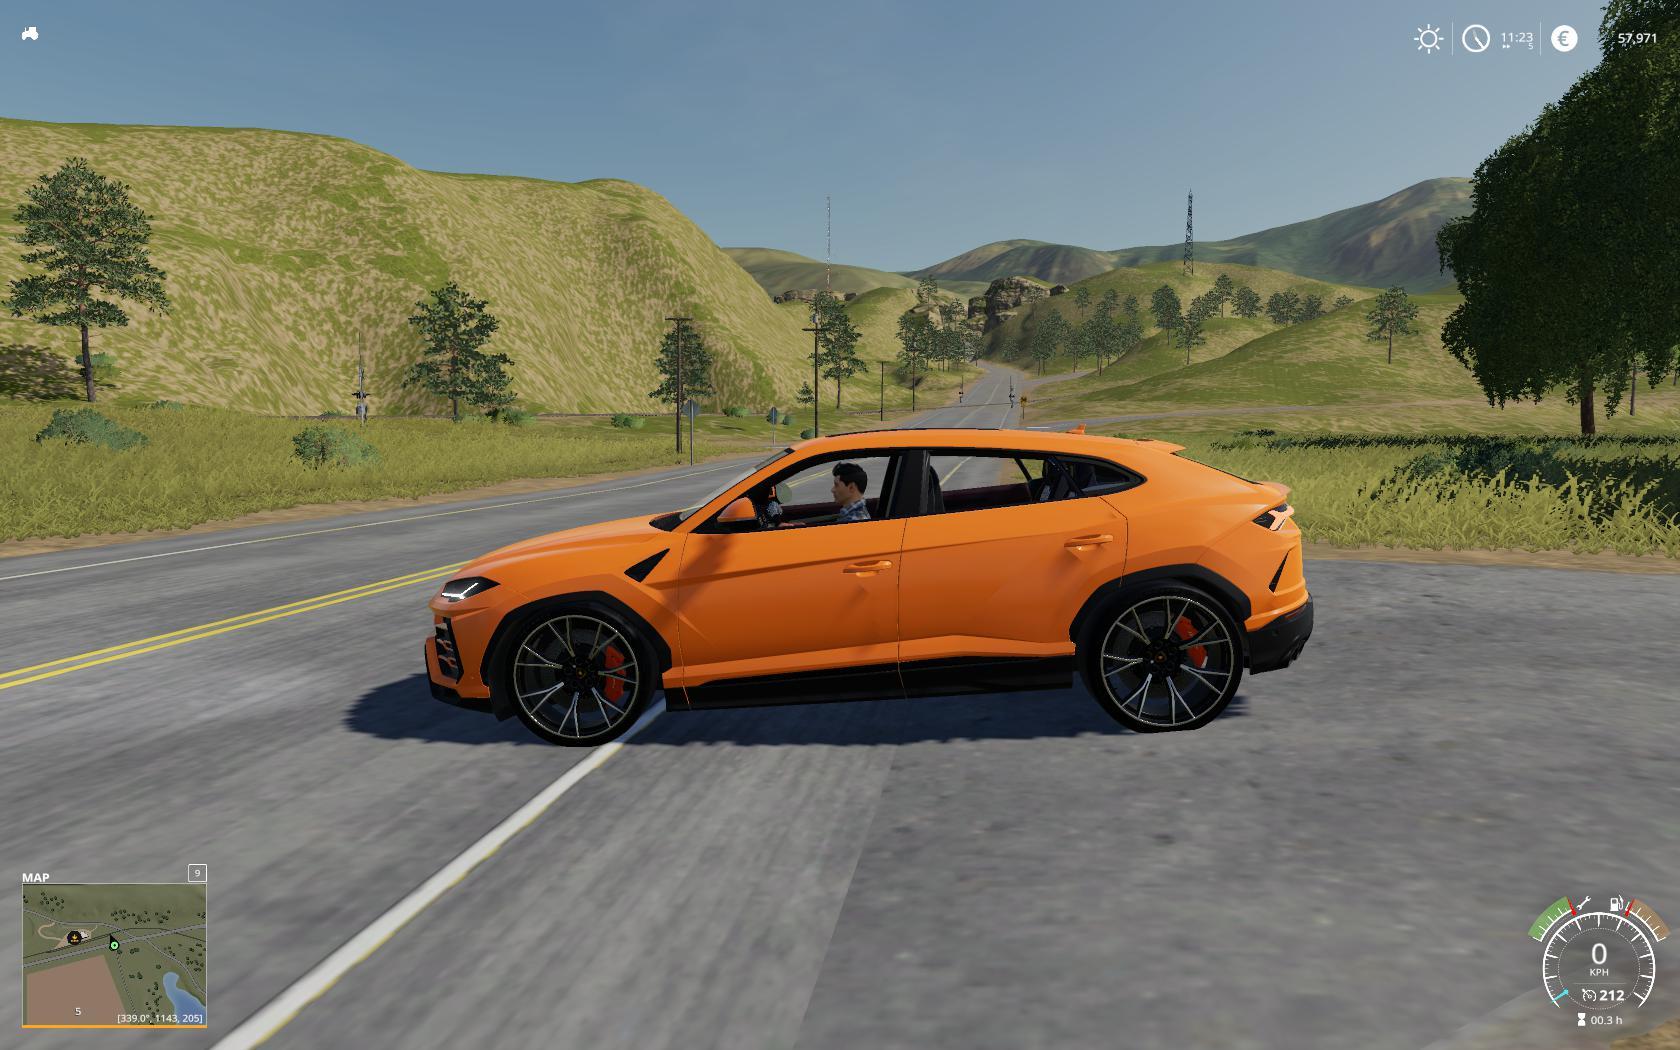 FS19 - Lamborghini Urus Car Mod V1.0